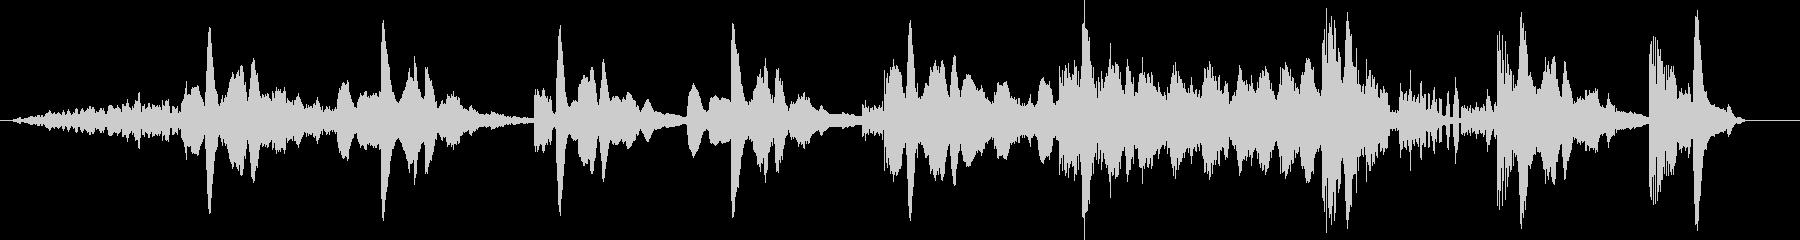 モダン テクノ エレクトロ 交響曲...の未再生の波形